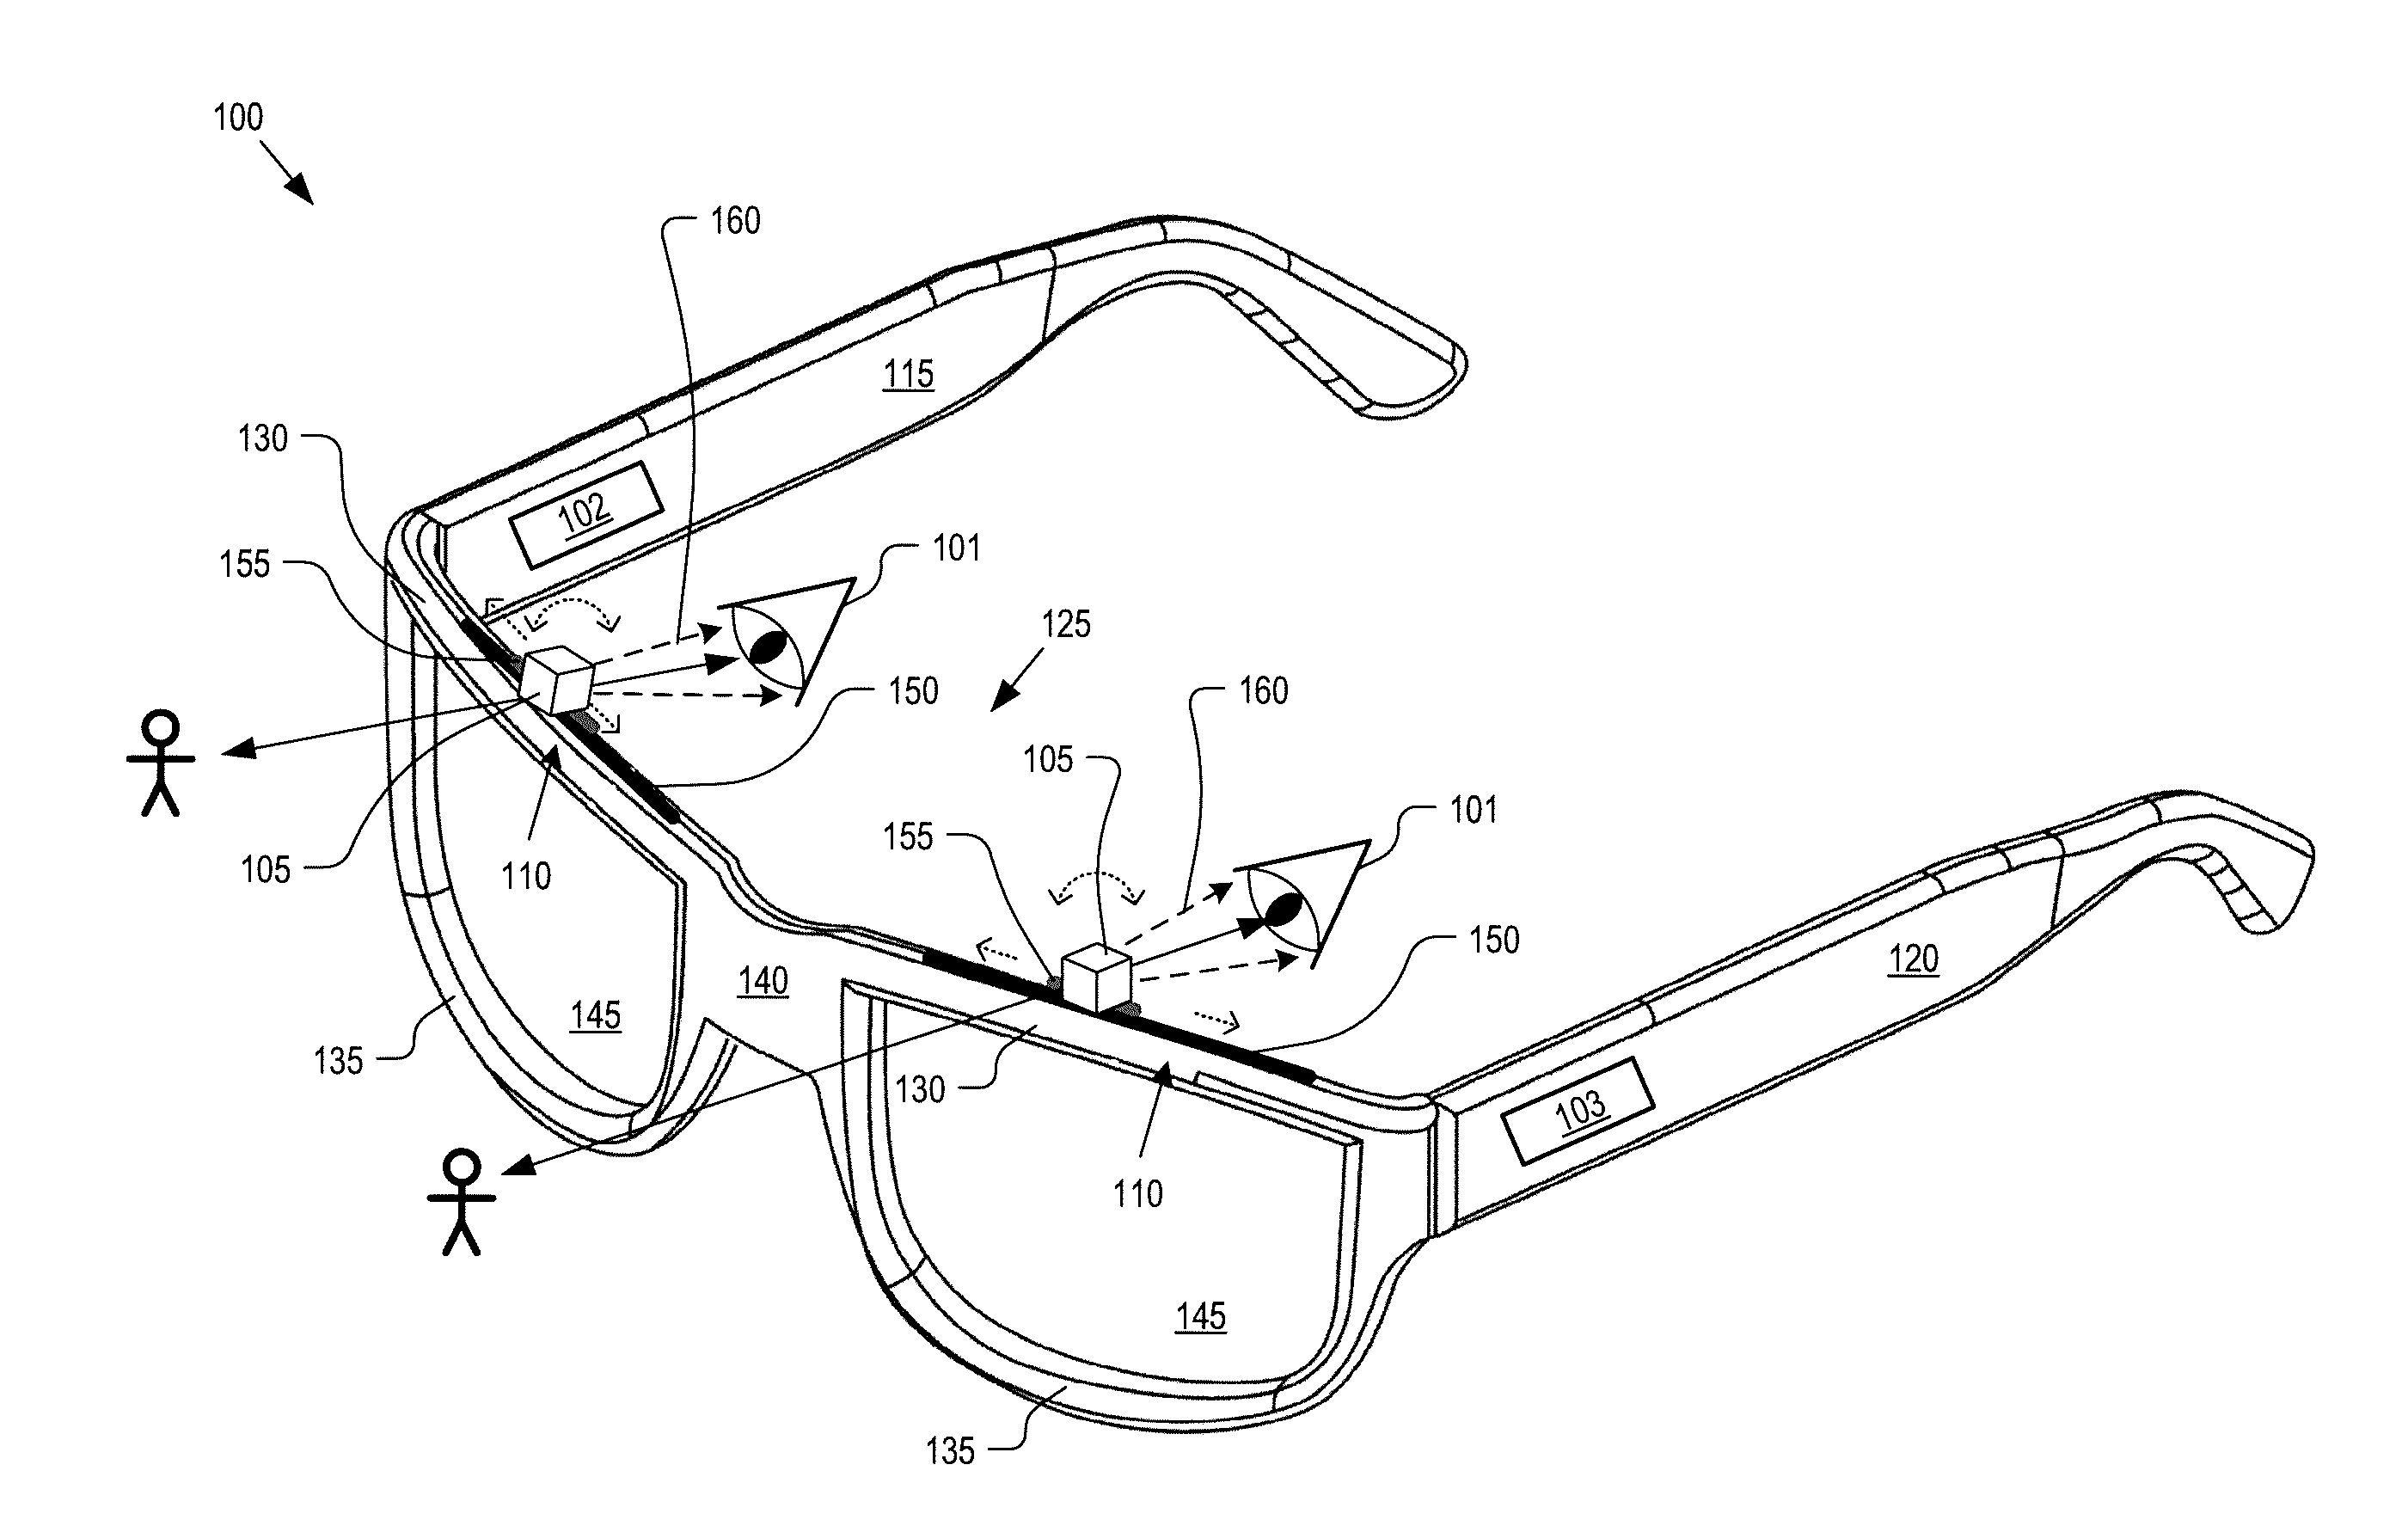 Nueva Patente De Glass Para Cambiar El Diseno De